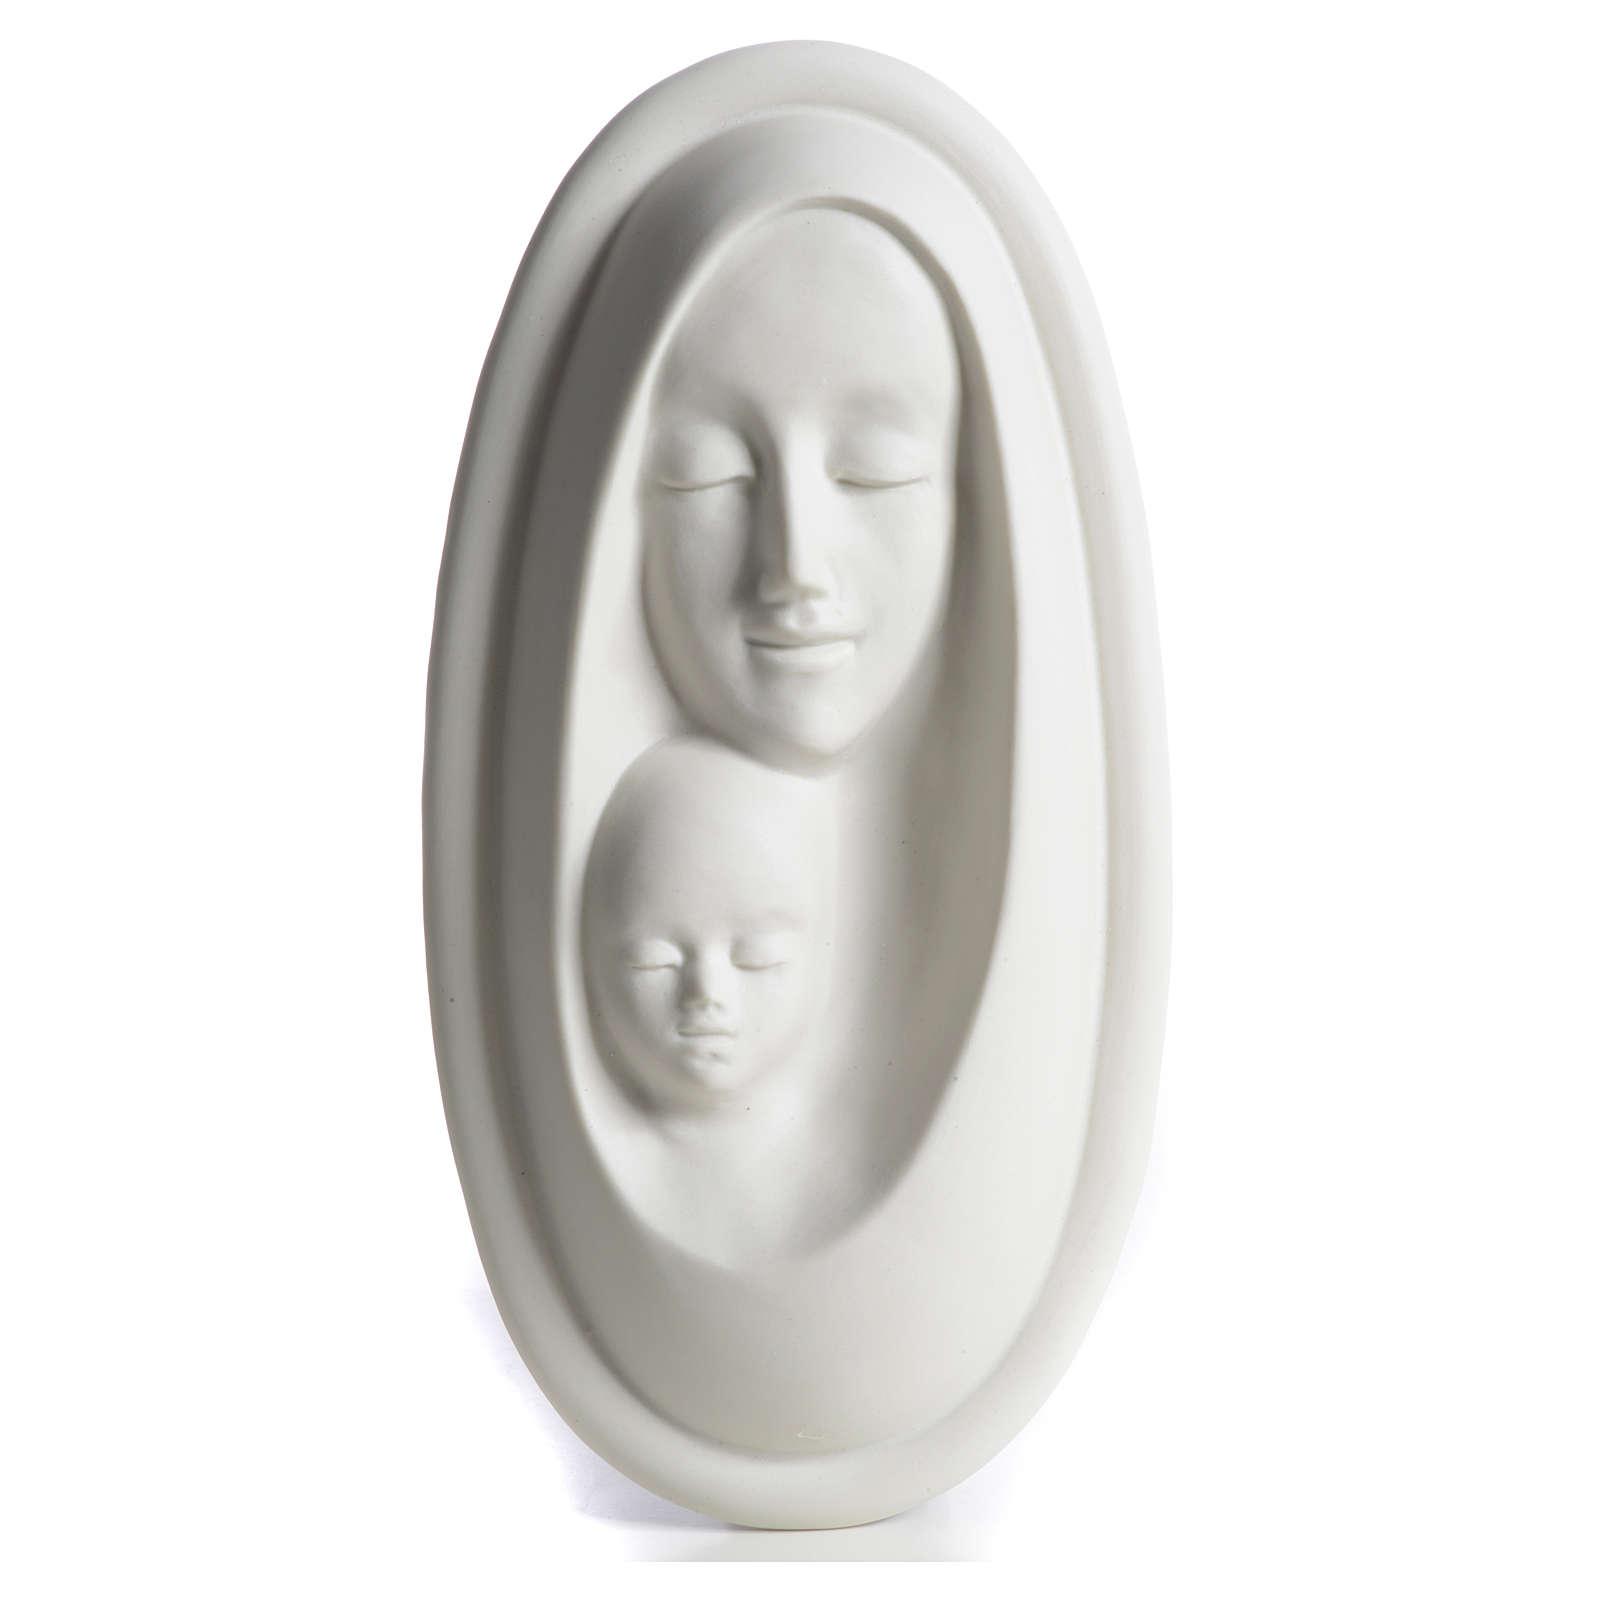 Bassorilievo porcellana Madonna con bambino Pinton 4